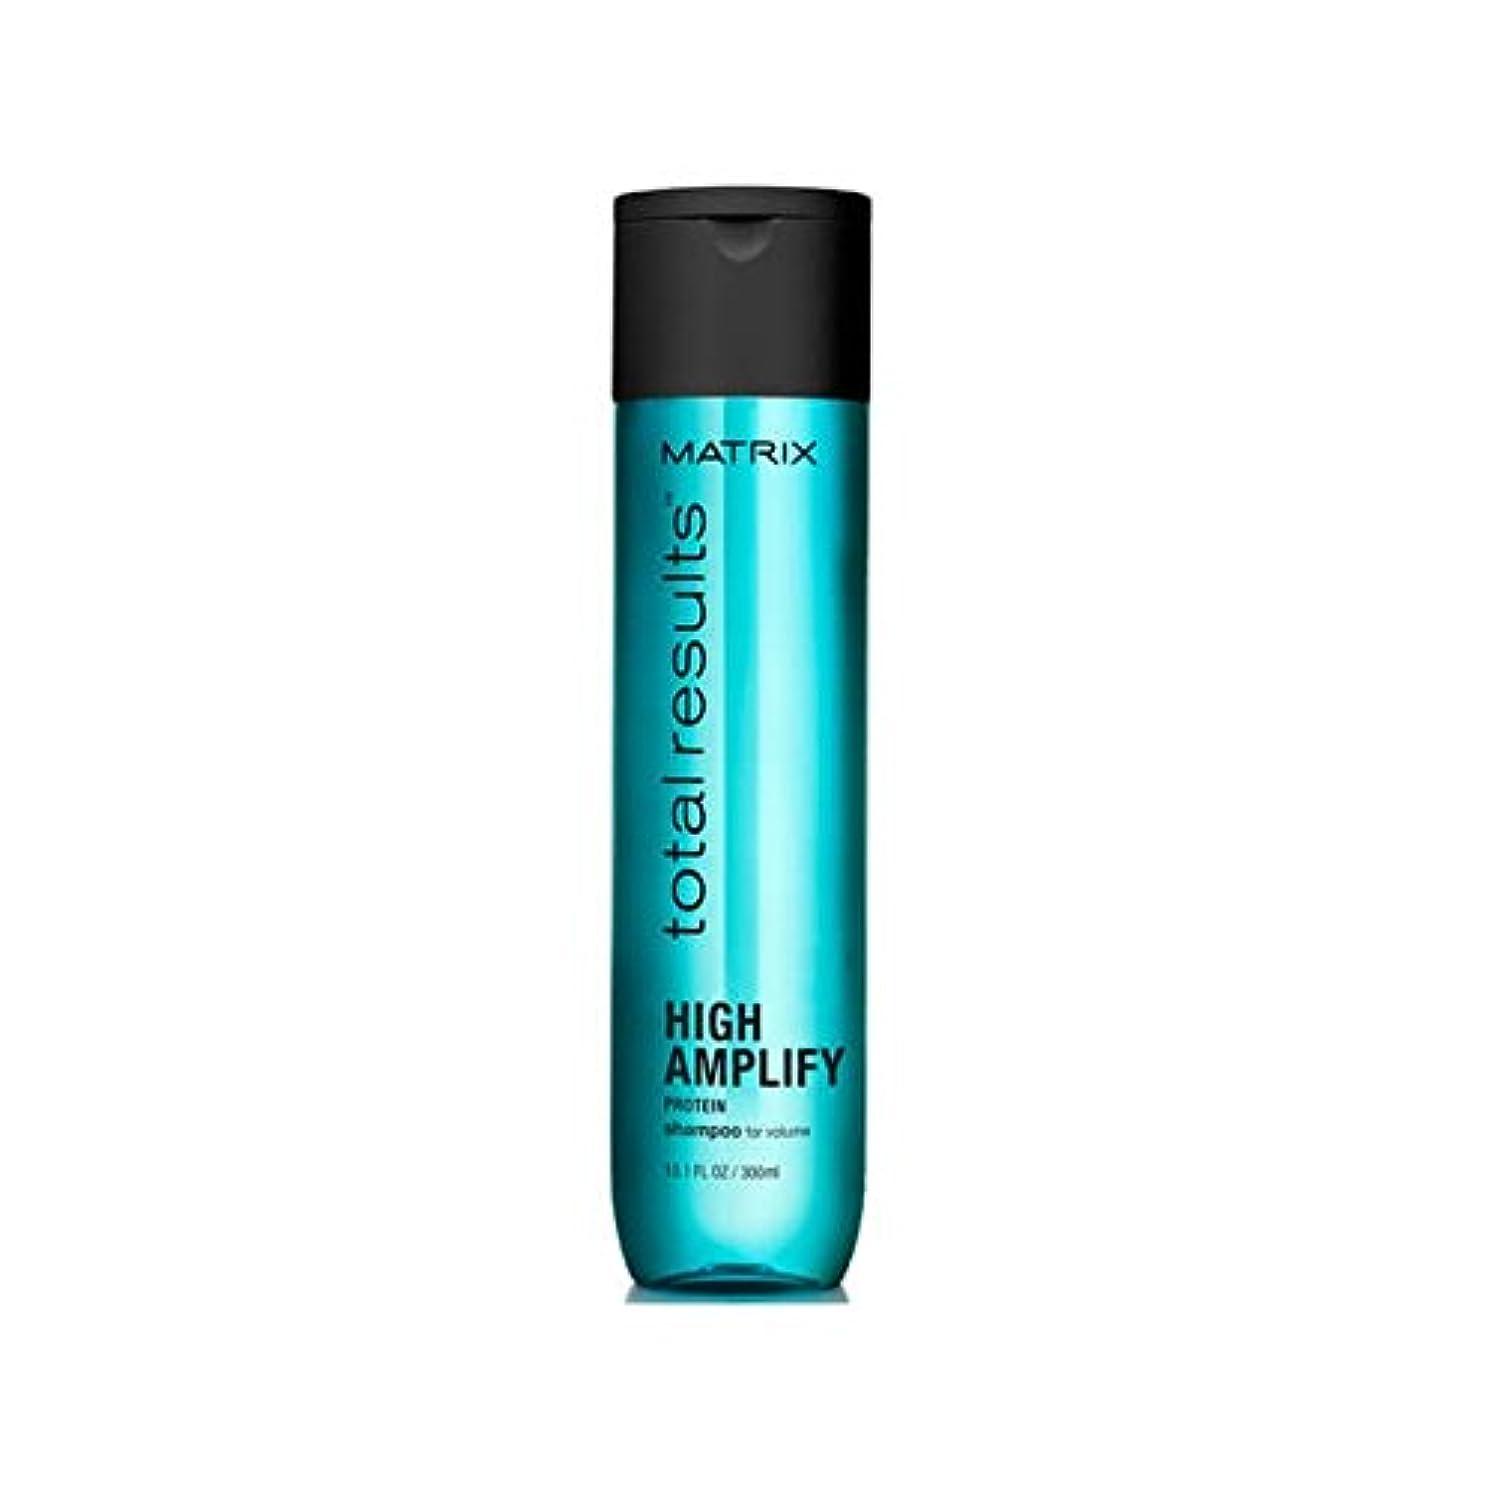 恵み嵐のスキャンダラスマトリックスの総結果高いシャンプー(300ミリリットル) x4 - Matrix Total Results High Amplify Shampoo (300ml) (Pack of 4) [並行輸入品]